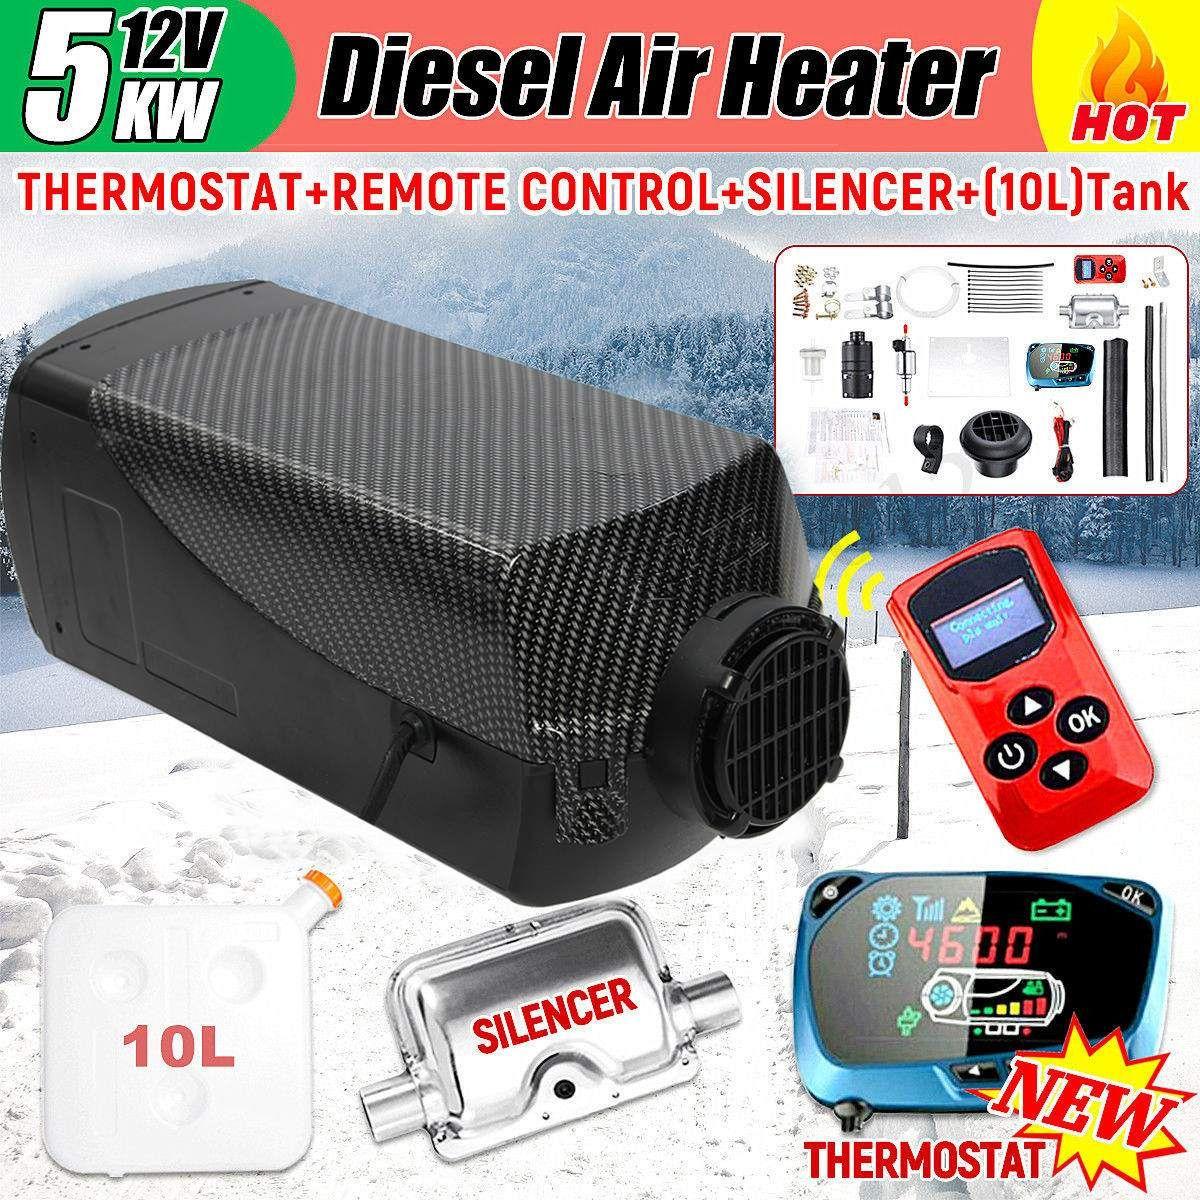 5000 W Air diesel Heizung 5KW 12 V Singal Loch Auto Heizung Für Lkw Motor-Home Boote Bus + LCD schlüssel Schalter + Schalldämpfer + Fernbedienung